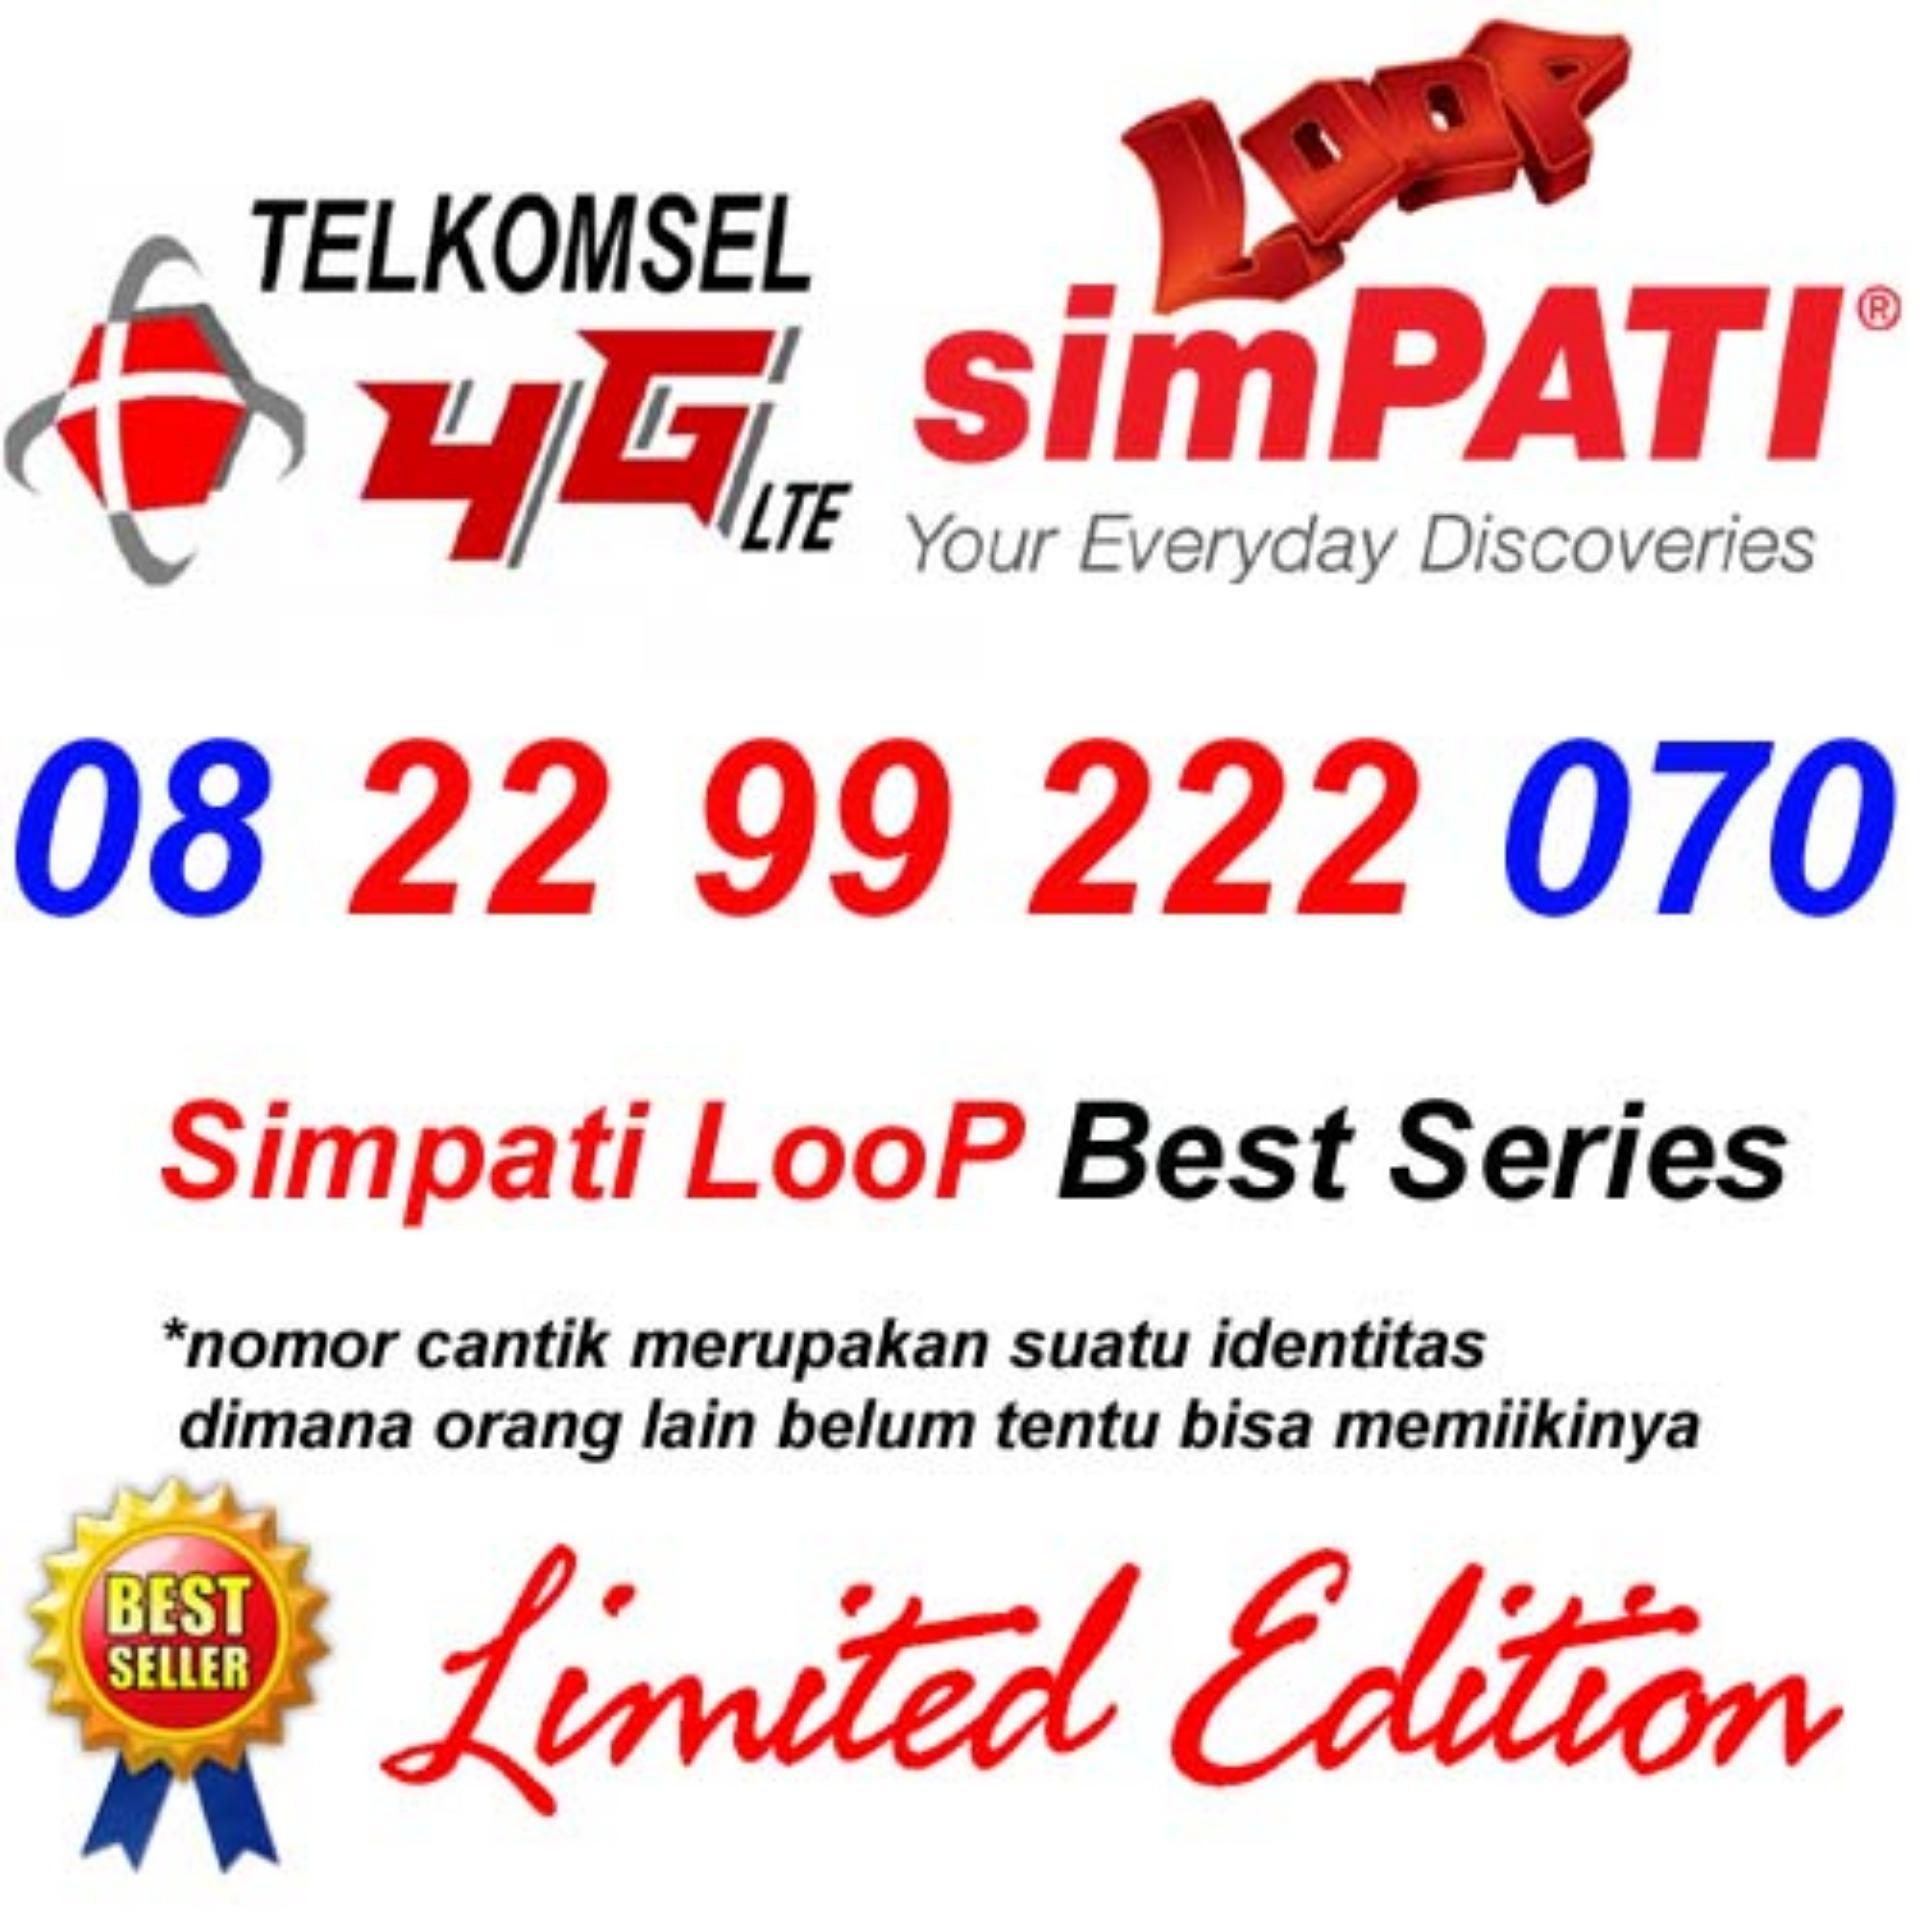 Telkomsel Simpati Loop 4G Lte 08 22 99 222 070 Kartu Perdana Nomor Cantik